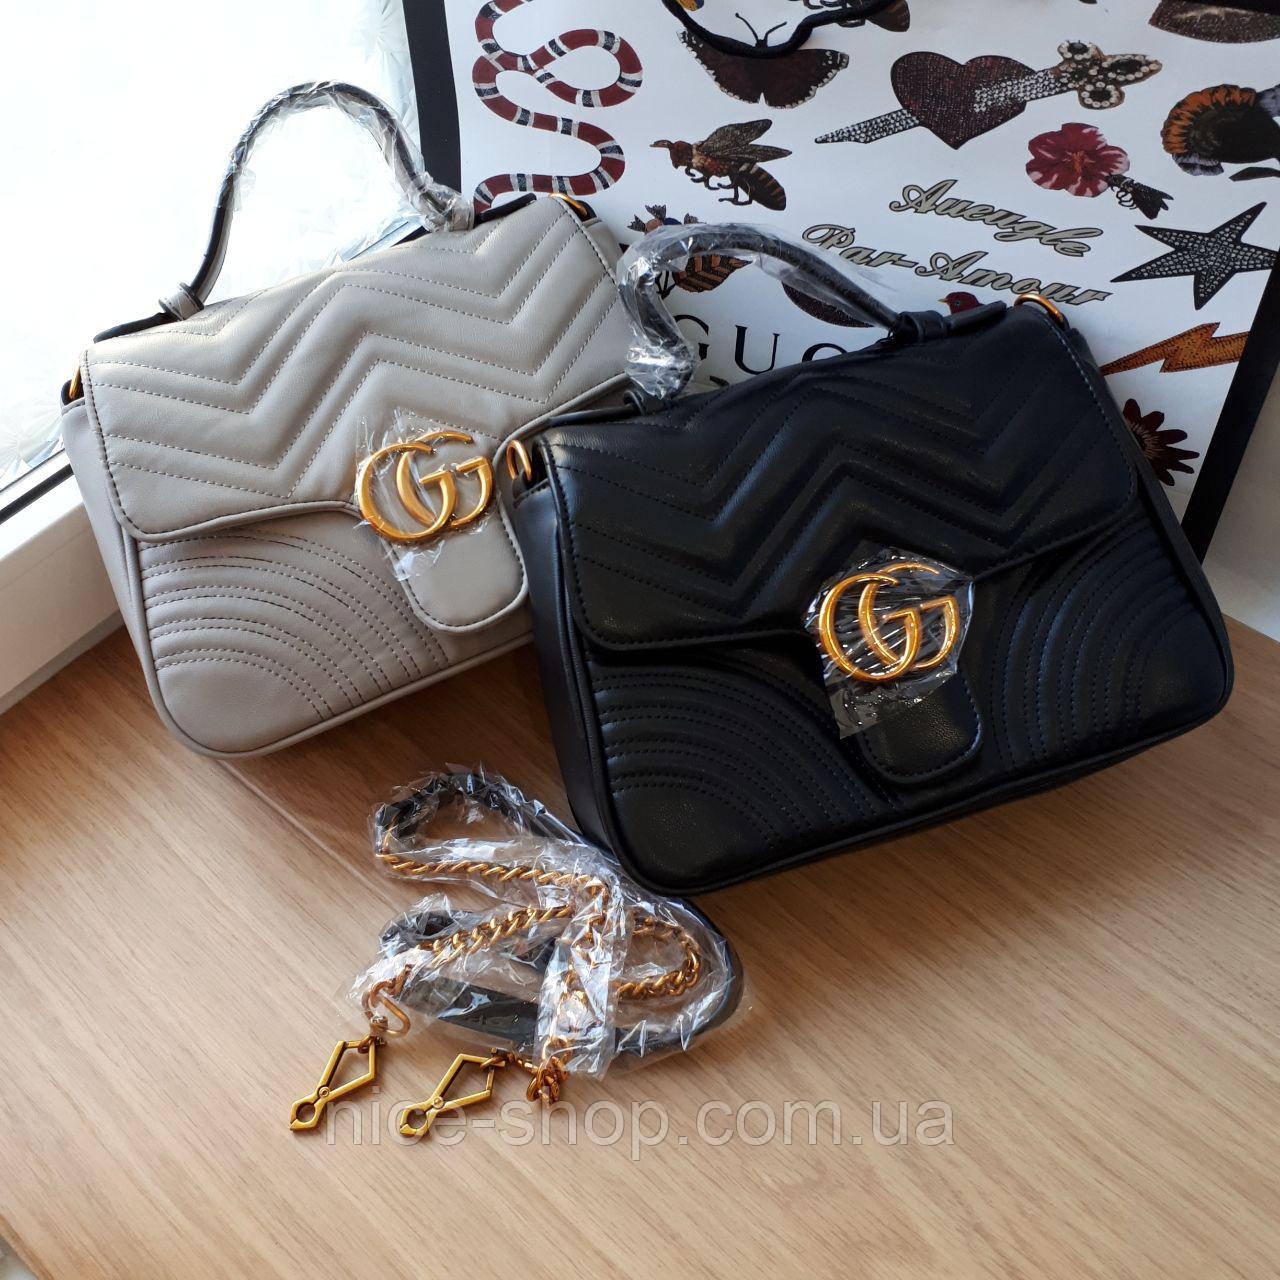 Сумочка  Gucci  черная, эко-кожа